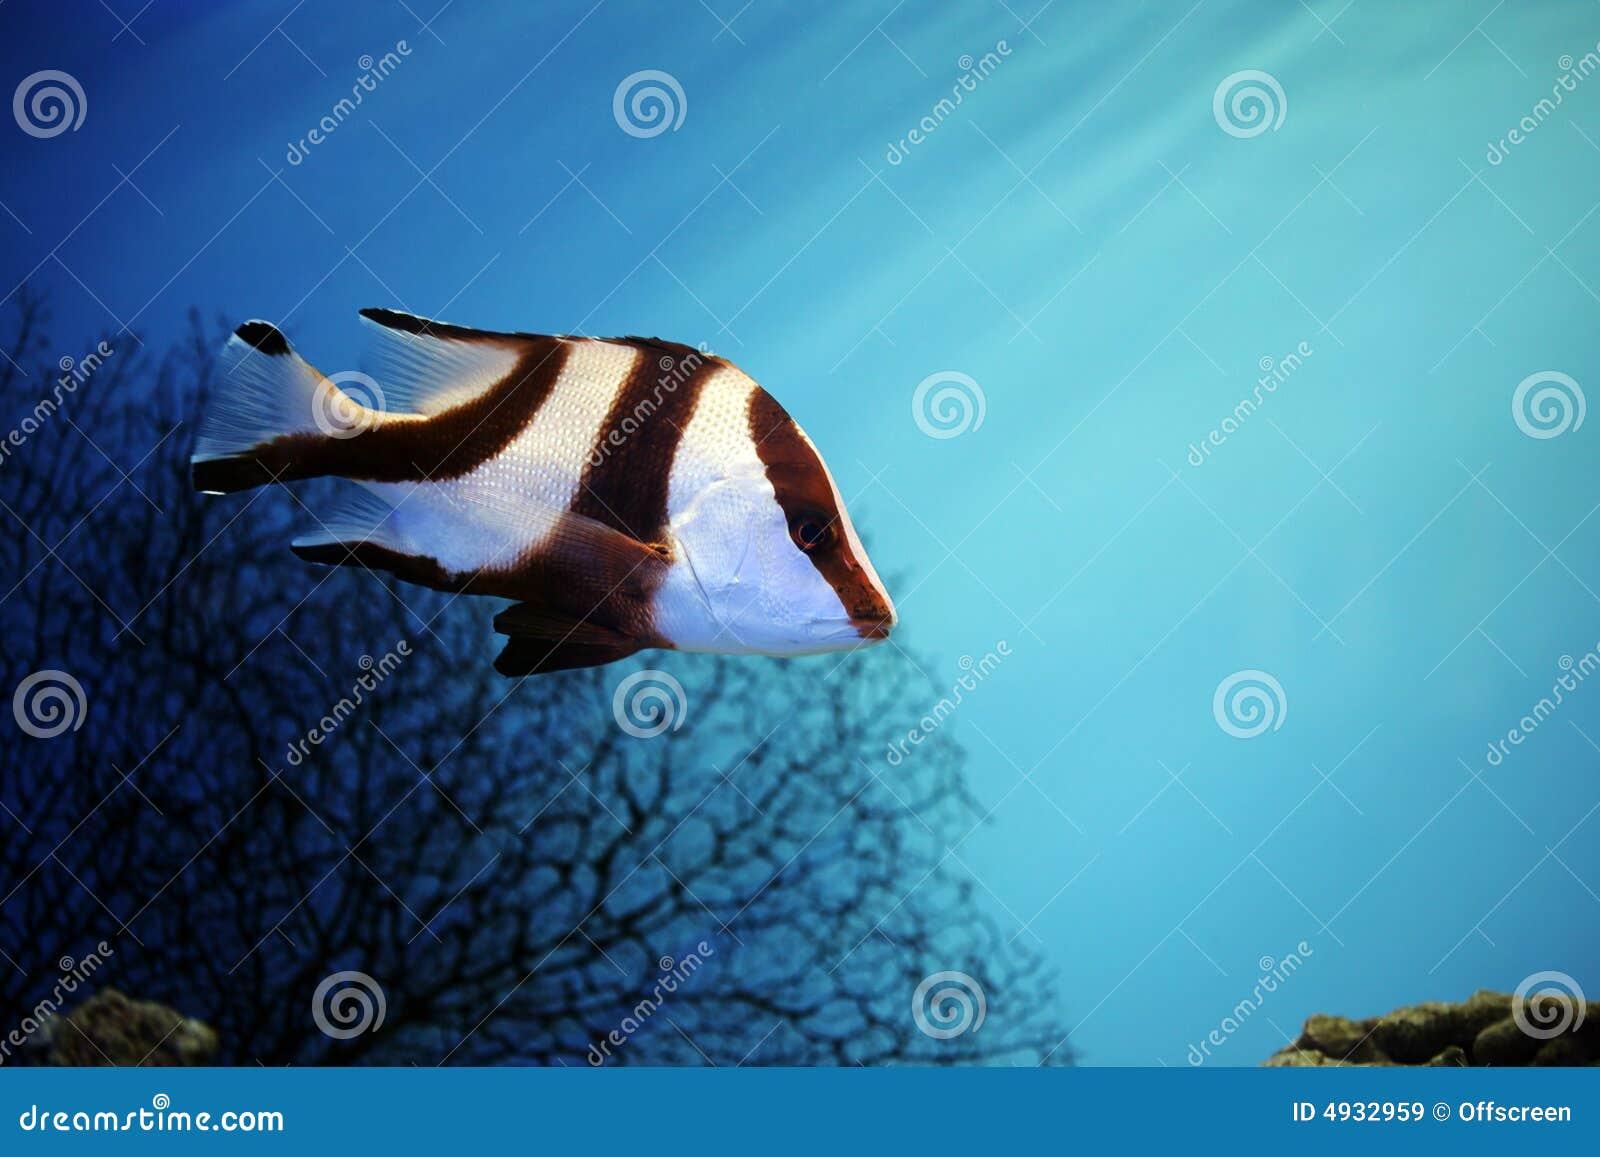 Poissons tropicaux images libres de droits image 4932959 for Poisson tropicaux aquarium